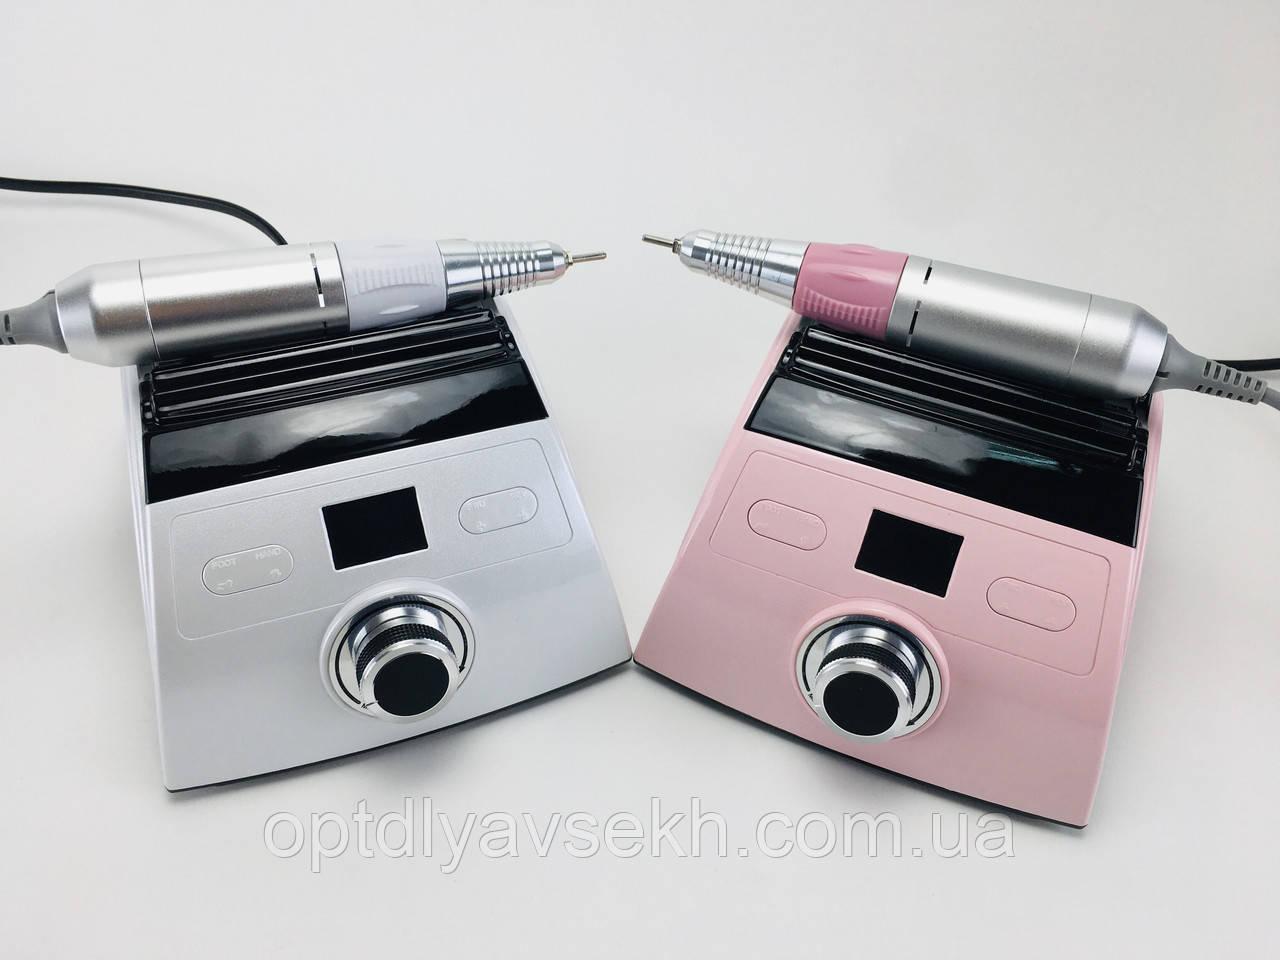 Профессиональный фрезер для маникюра и педикюра ZS-710 на 65 Вт - 50000 об./мин. (с ручкой и педалью)